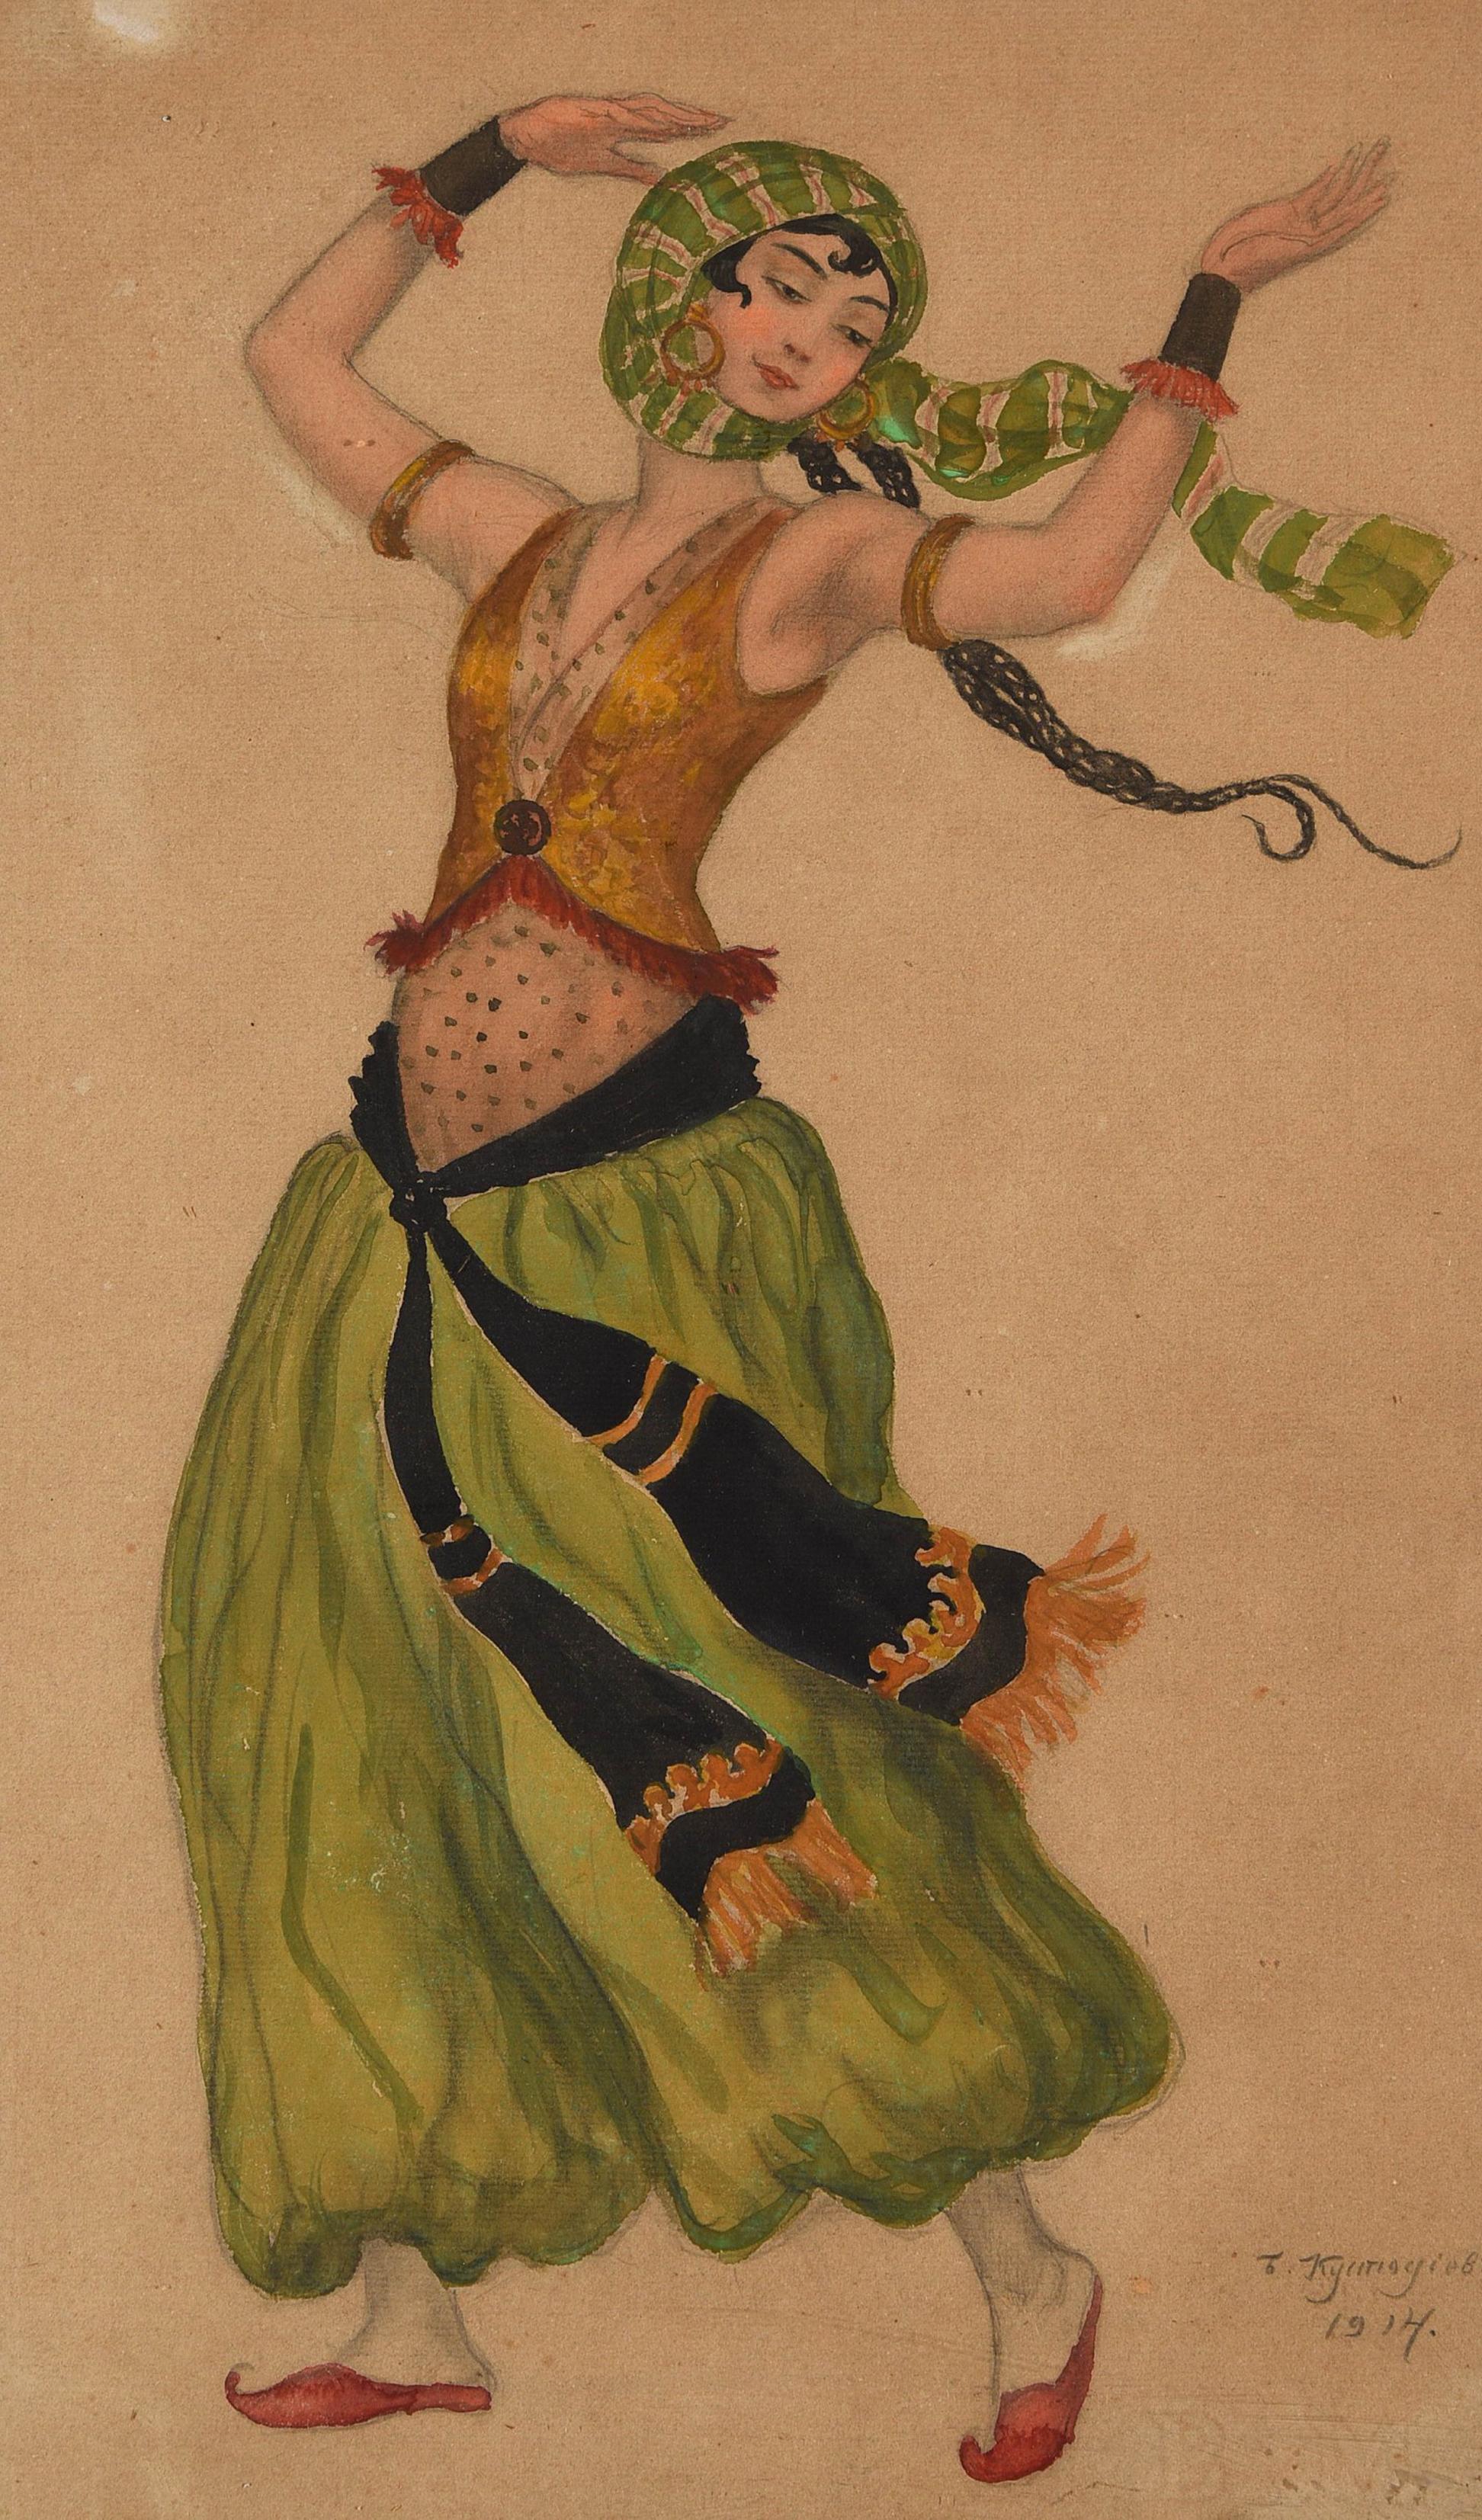 Boris Mikhaïlovitch Koustodiev (1878-1927), projet de costume probablement pour le personnage de Salomé dans «La tragédie de Salomé», 1914, image ©HVMC